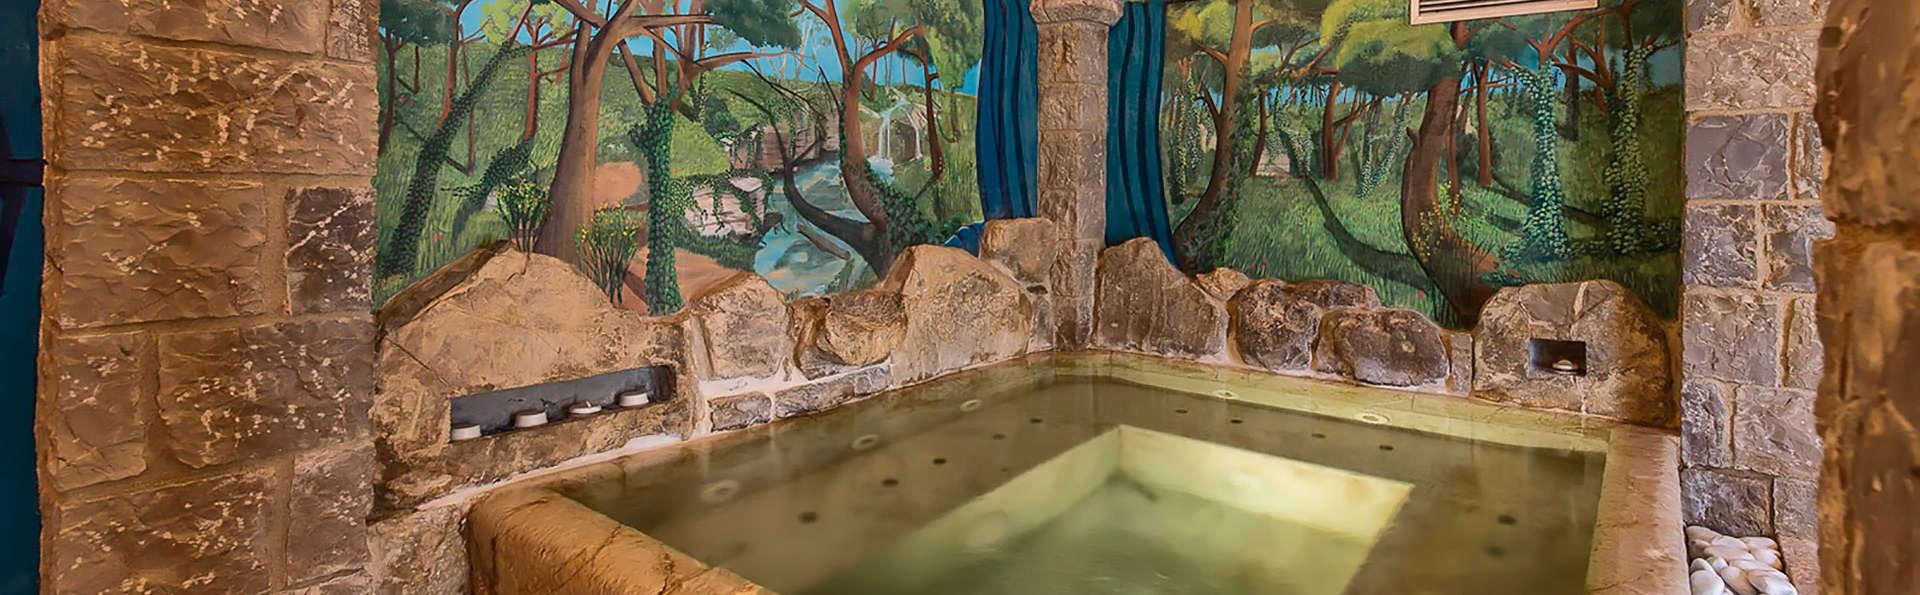 Benessere e relax nella regione del Chianti: con accesso SPA.